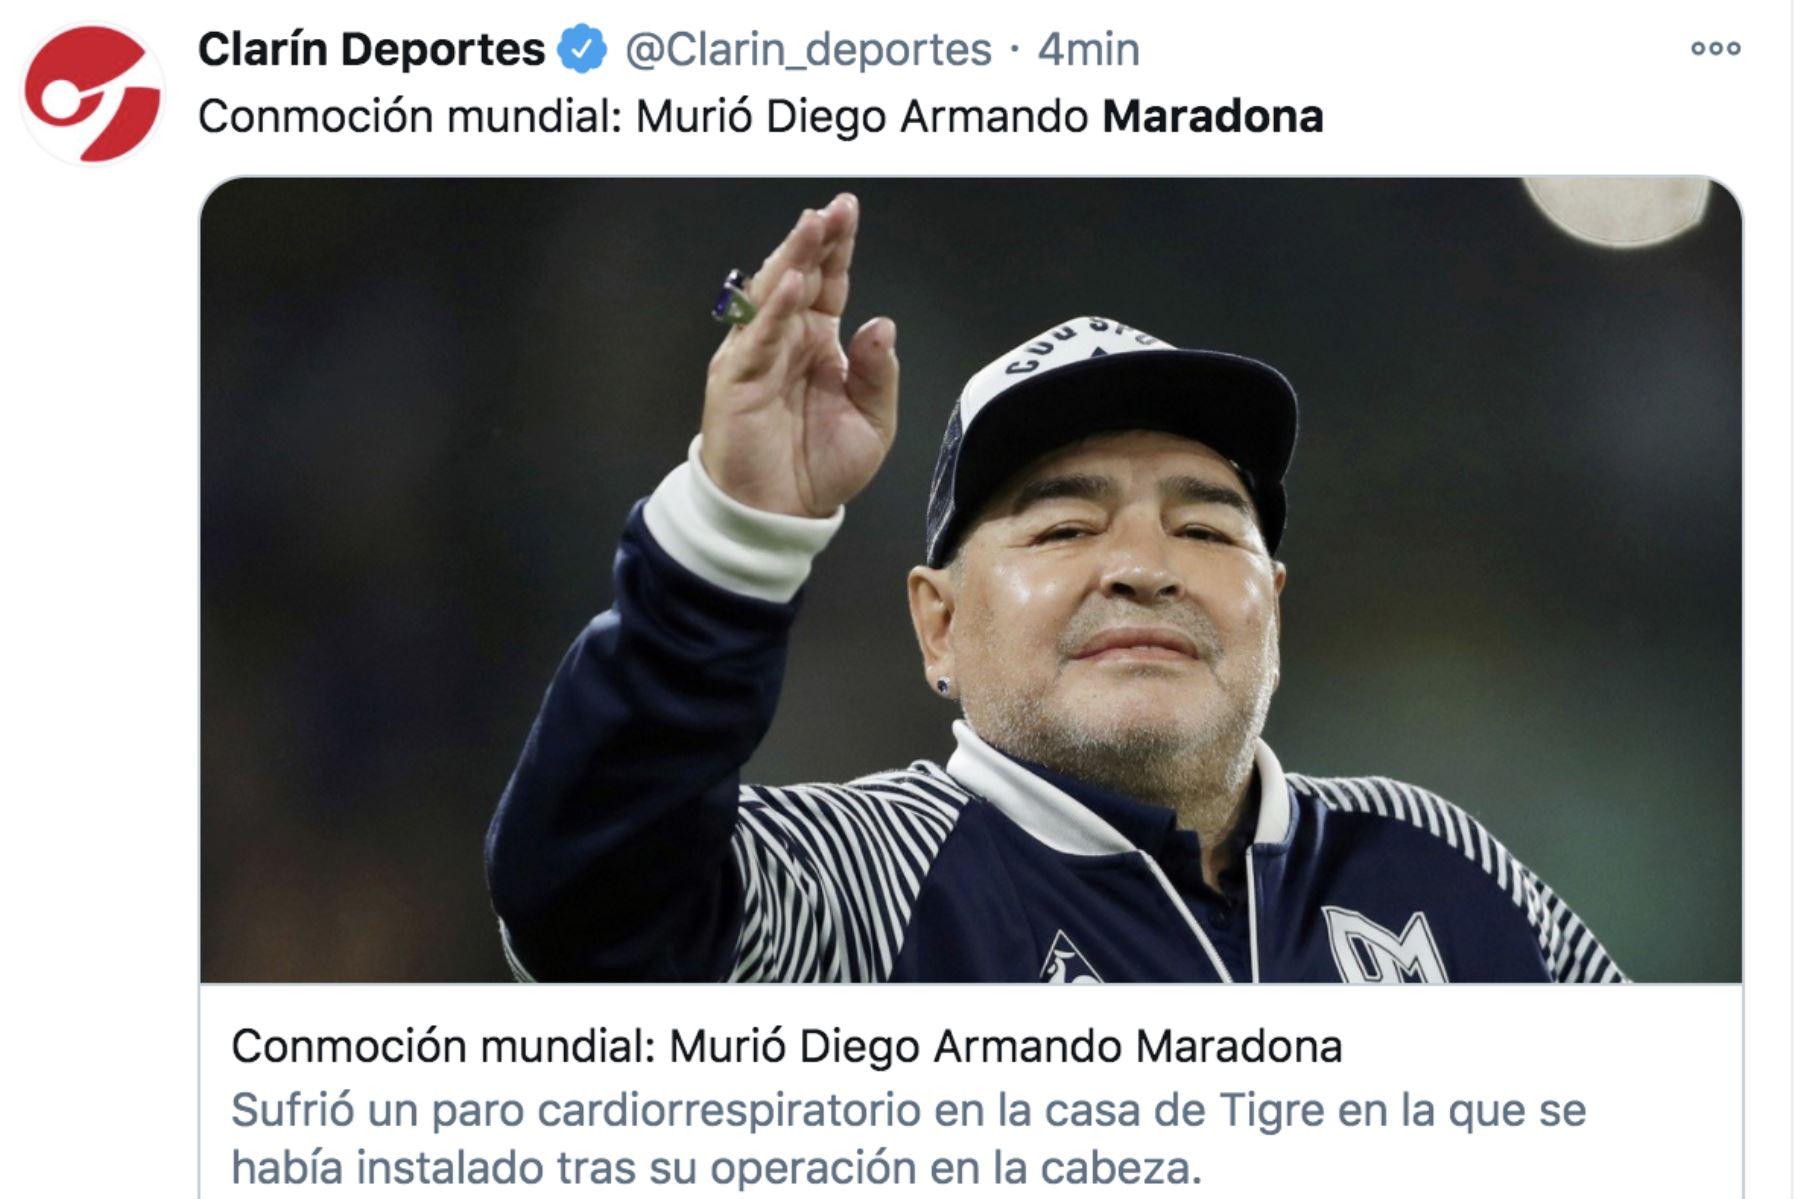 Así informa la prensa mundial la muerte de Diego Armando Maradona. Diario El Clarín